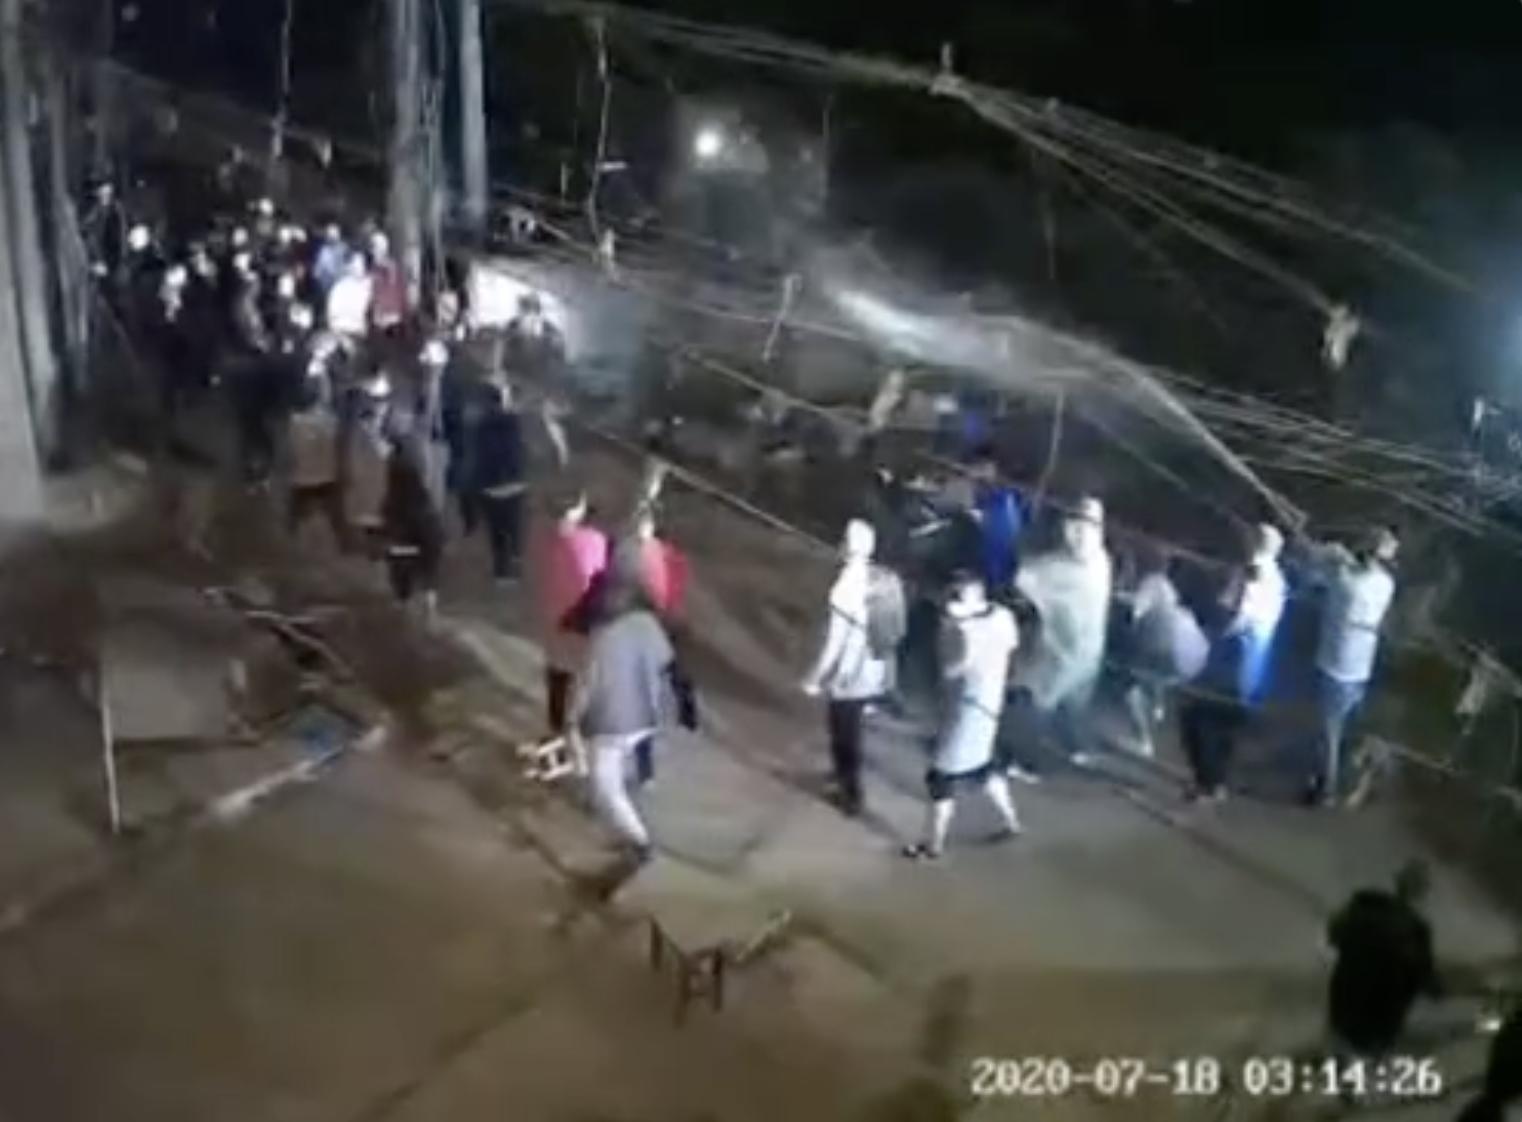 河南省洛陽市劉富村面臨被整村強拆,拆遷隊半夜三點突襲。(影片截圖)